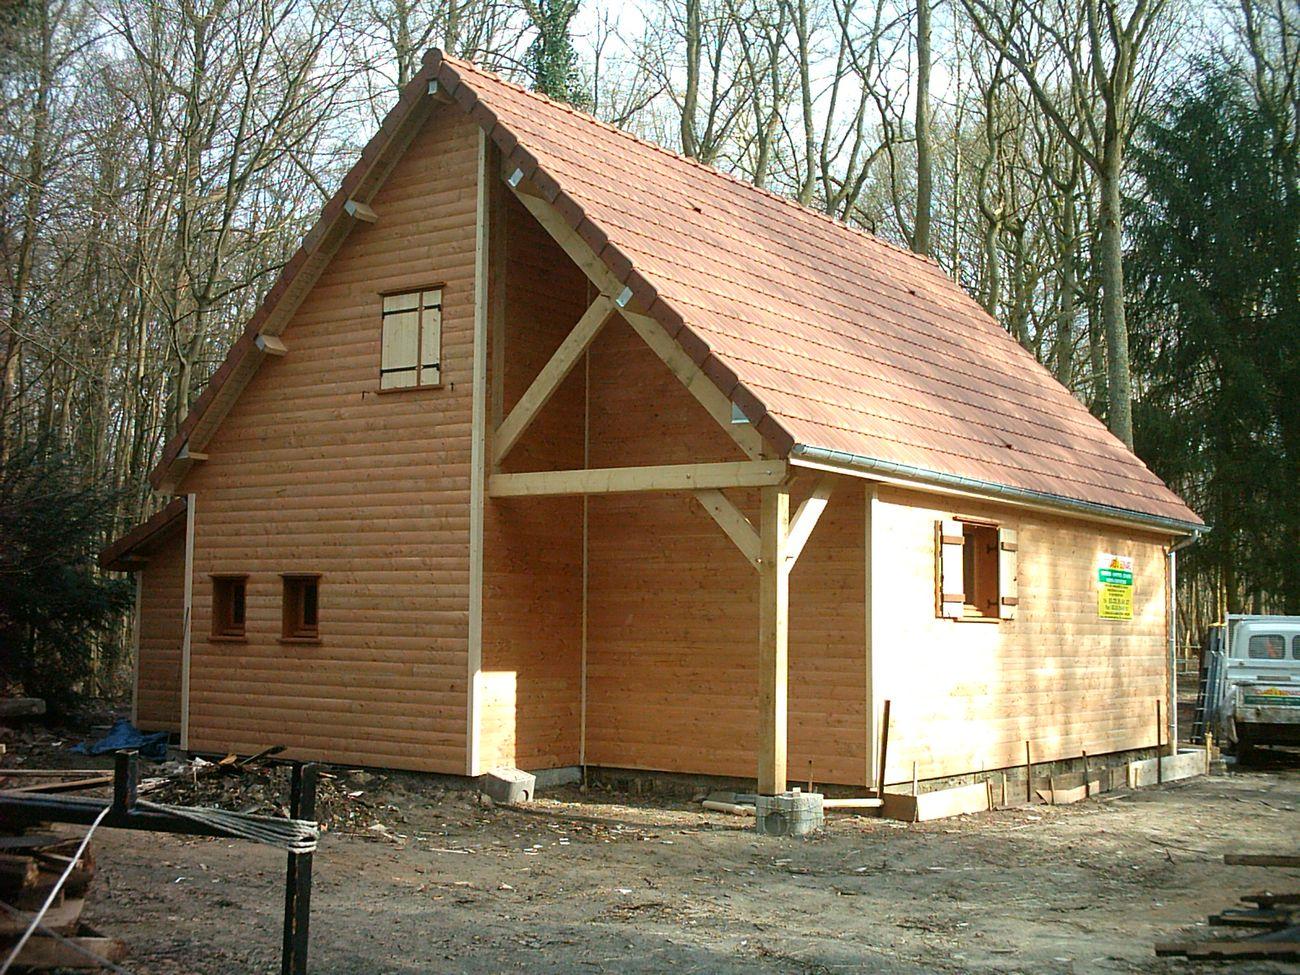 trolard bernard maisons bois menuiserie en bois sur mesure aisne oise somme picardie. Black Bedroom Furniture Sets. Home Design Ideas